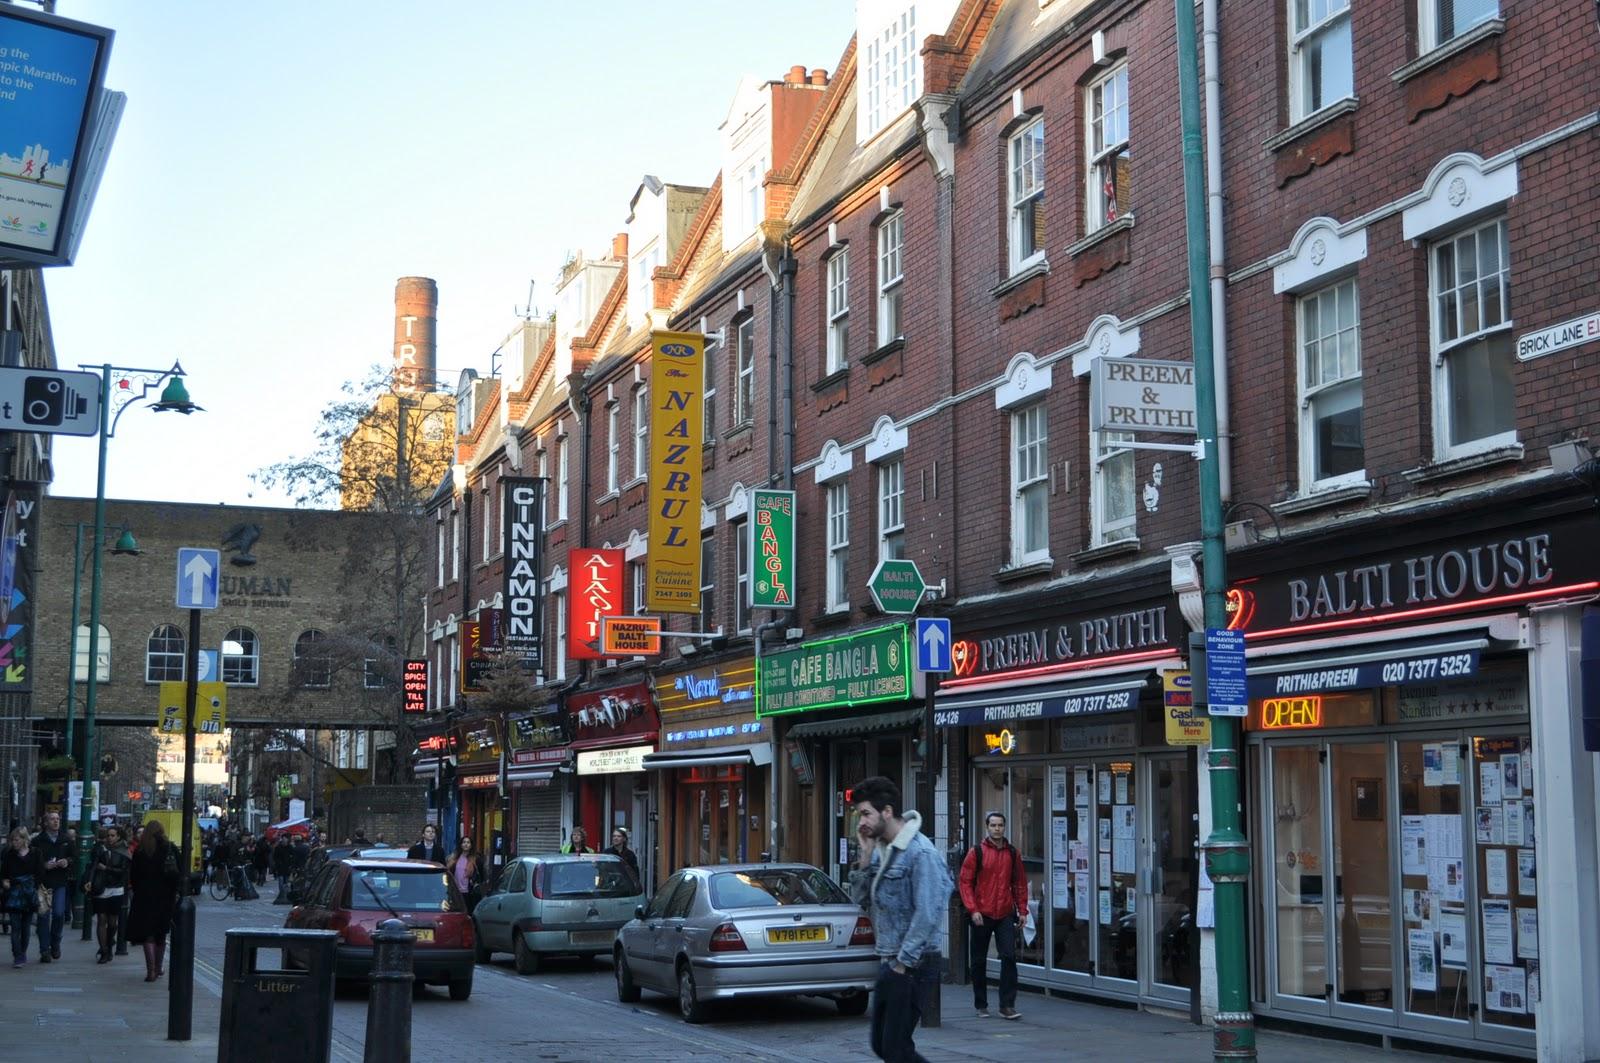 brick lane multicultural britain. Black Bedroom Furniture Sets. Home Design Ideas